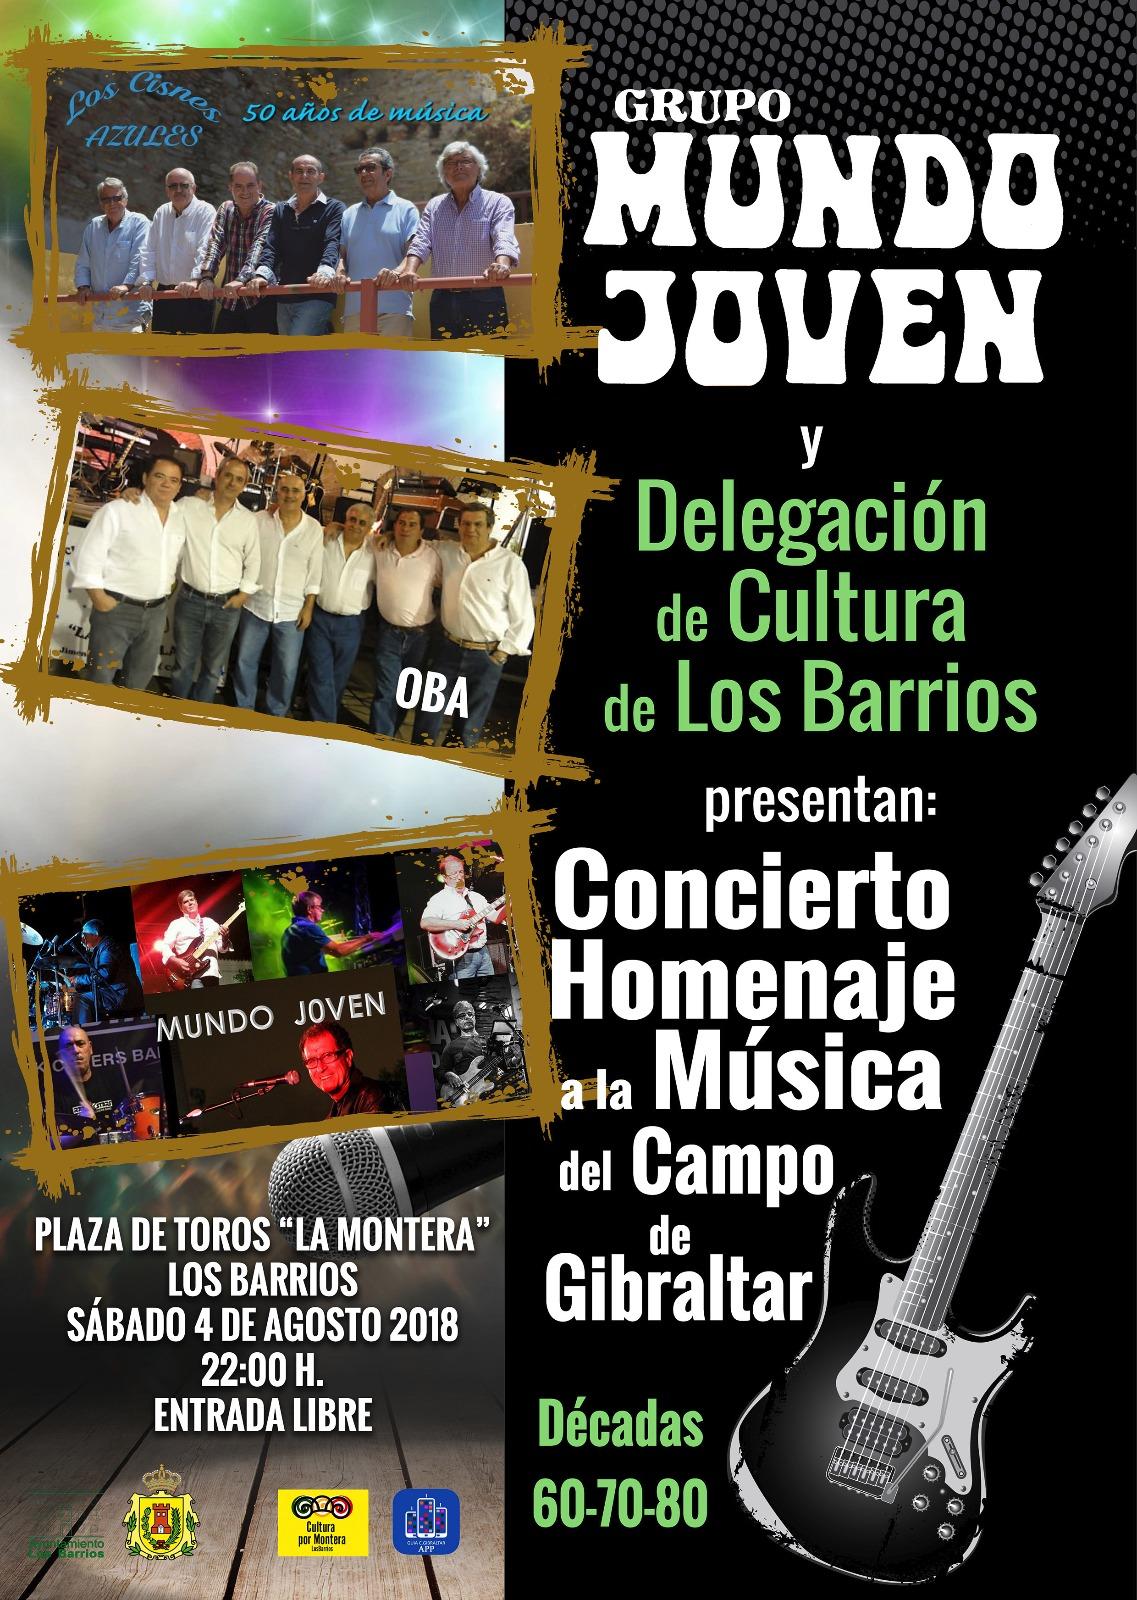 Concierto homenaje a la música del Campo de Gibraltar